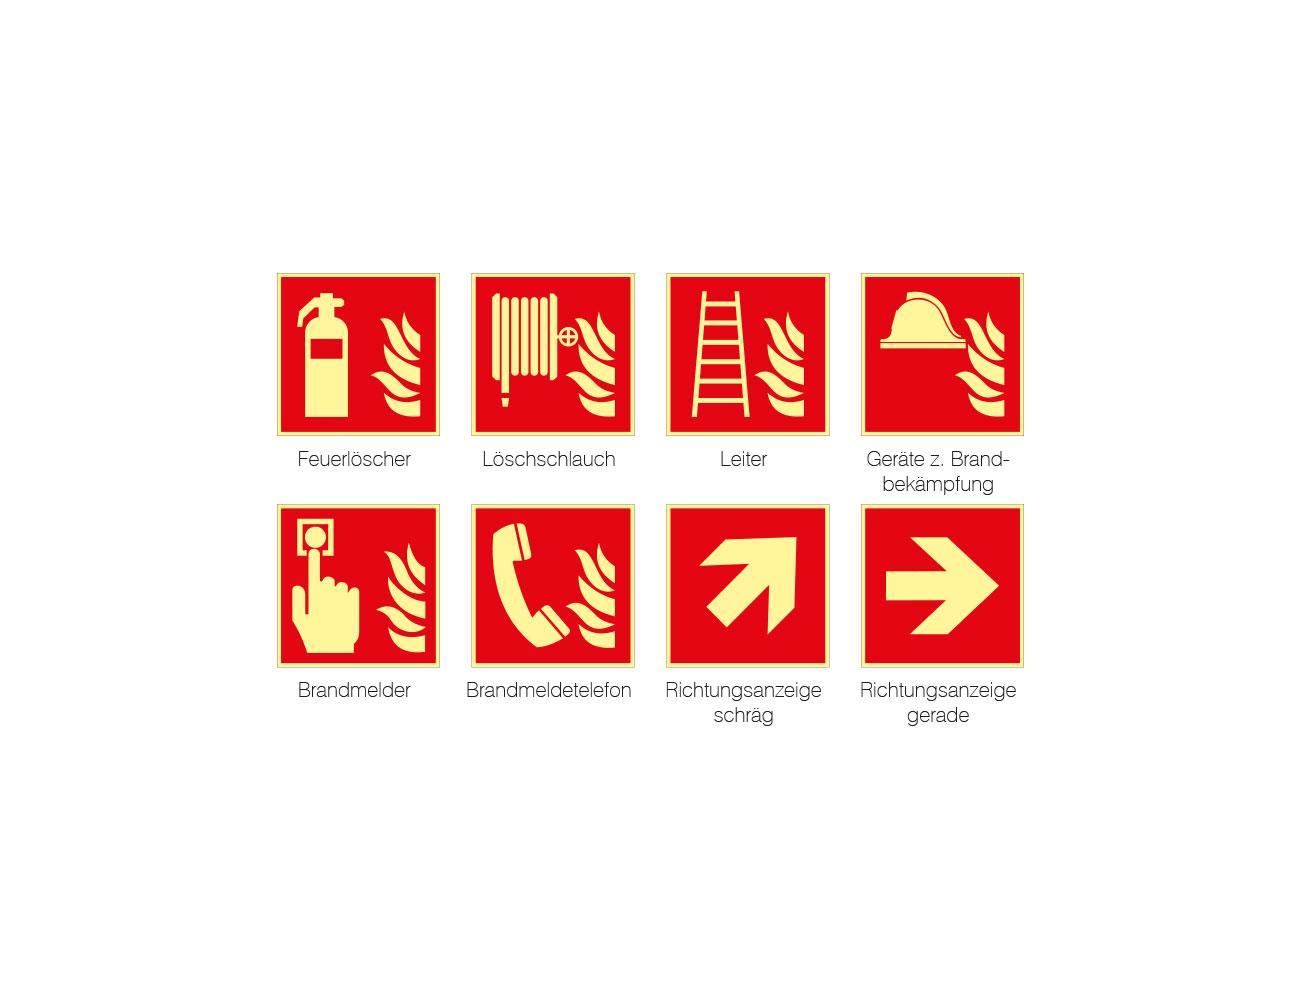 Brandschutzkennzeichen Folie nachleuchtend